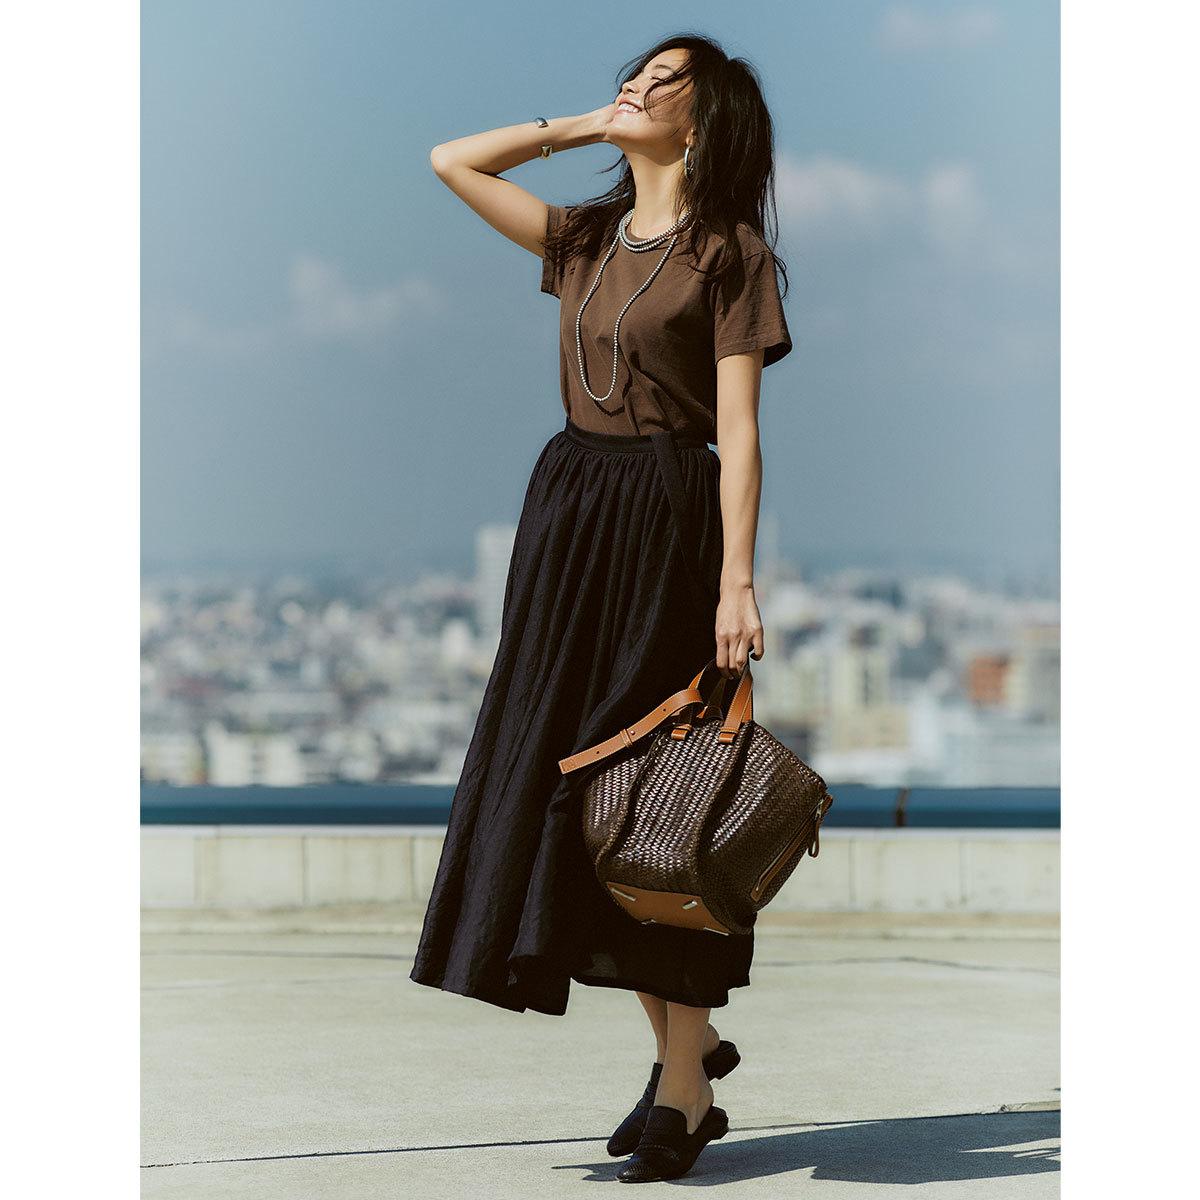 ブラウン×黒のコーデを着た矢野未希子さん